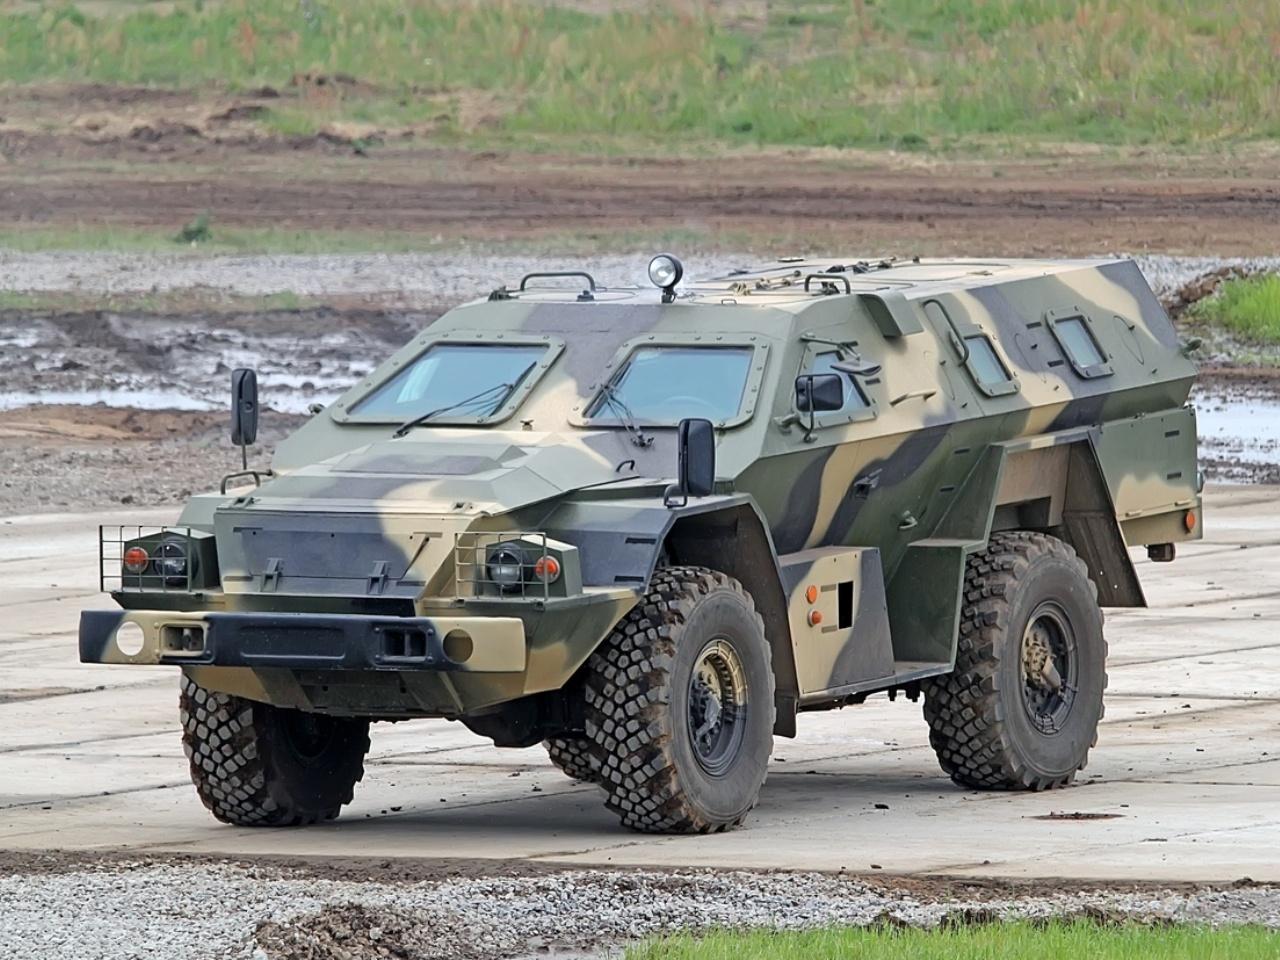 Vietnã interessado no veículo blindado BPM-97 Vystrel 4×4